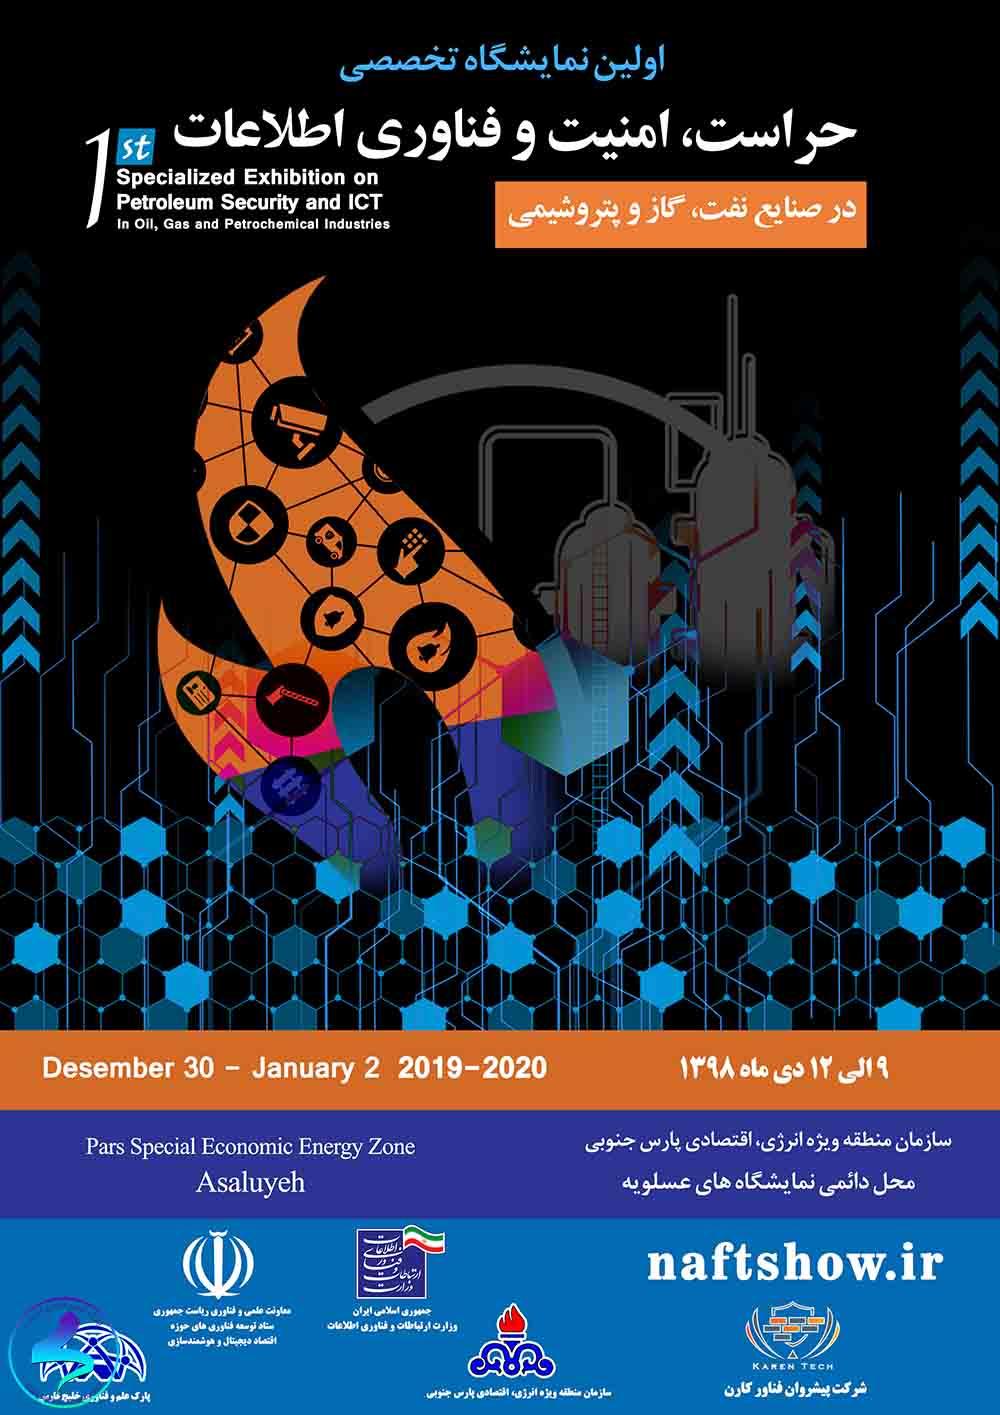 اولین نمایشگاه تخصصی حراست، امنیت و فناوري اطلاعات صنایع نفت، گاز و پتروشیمی